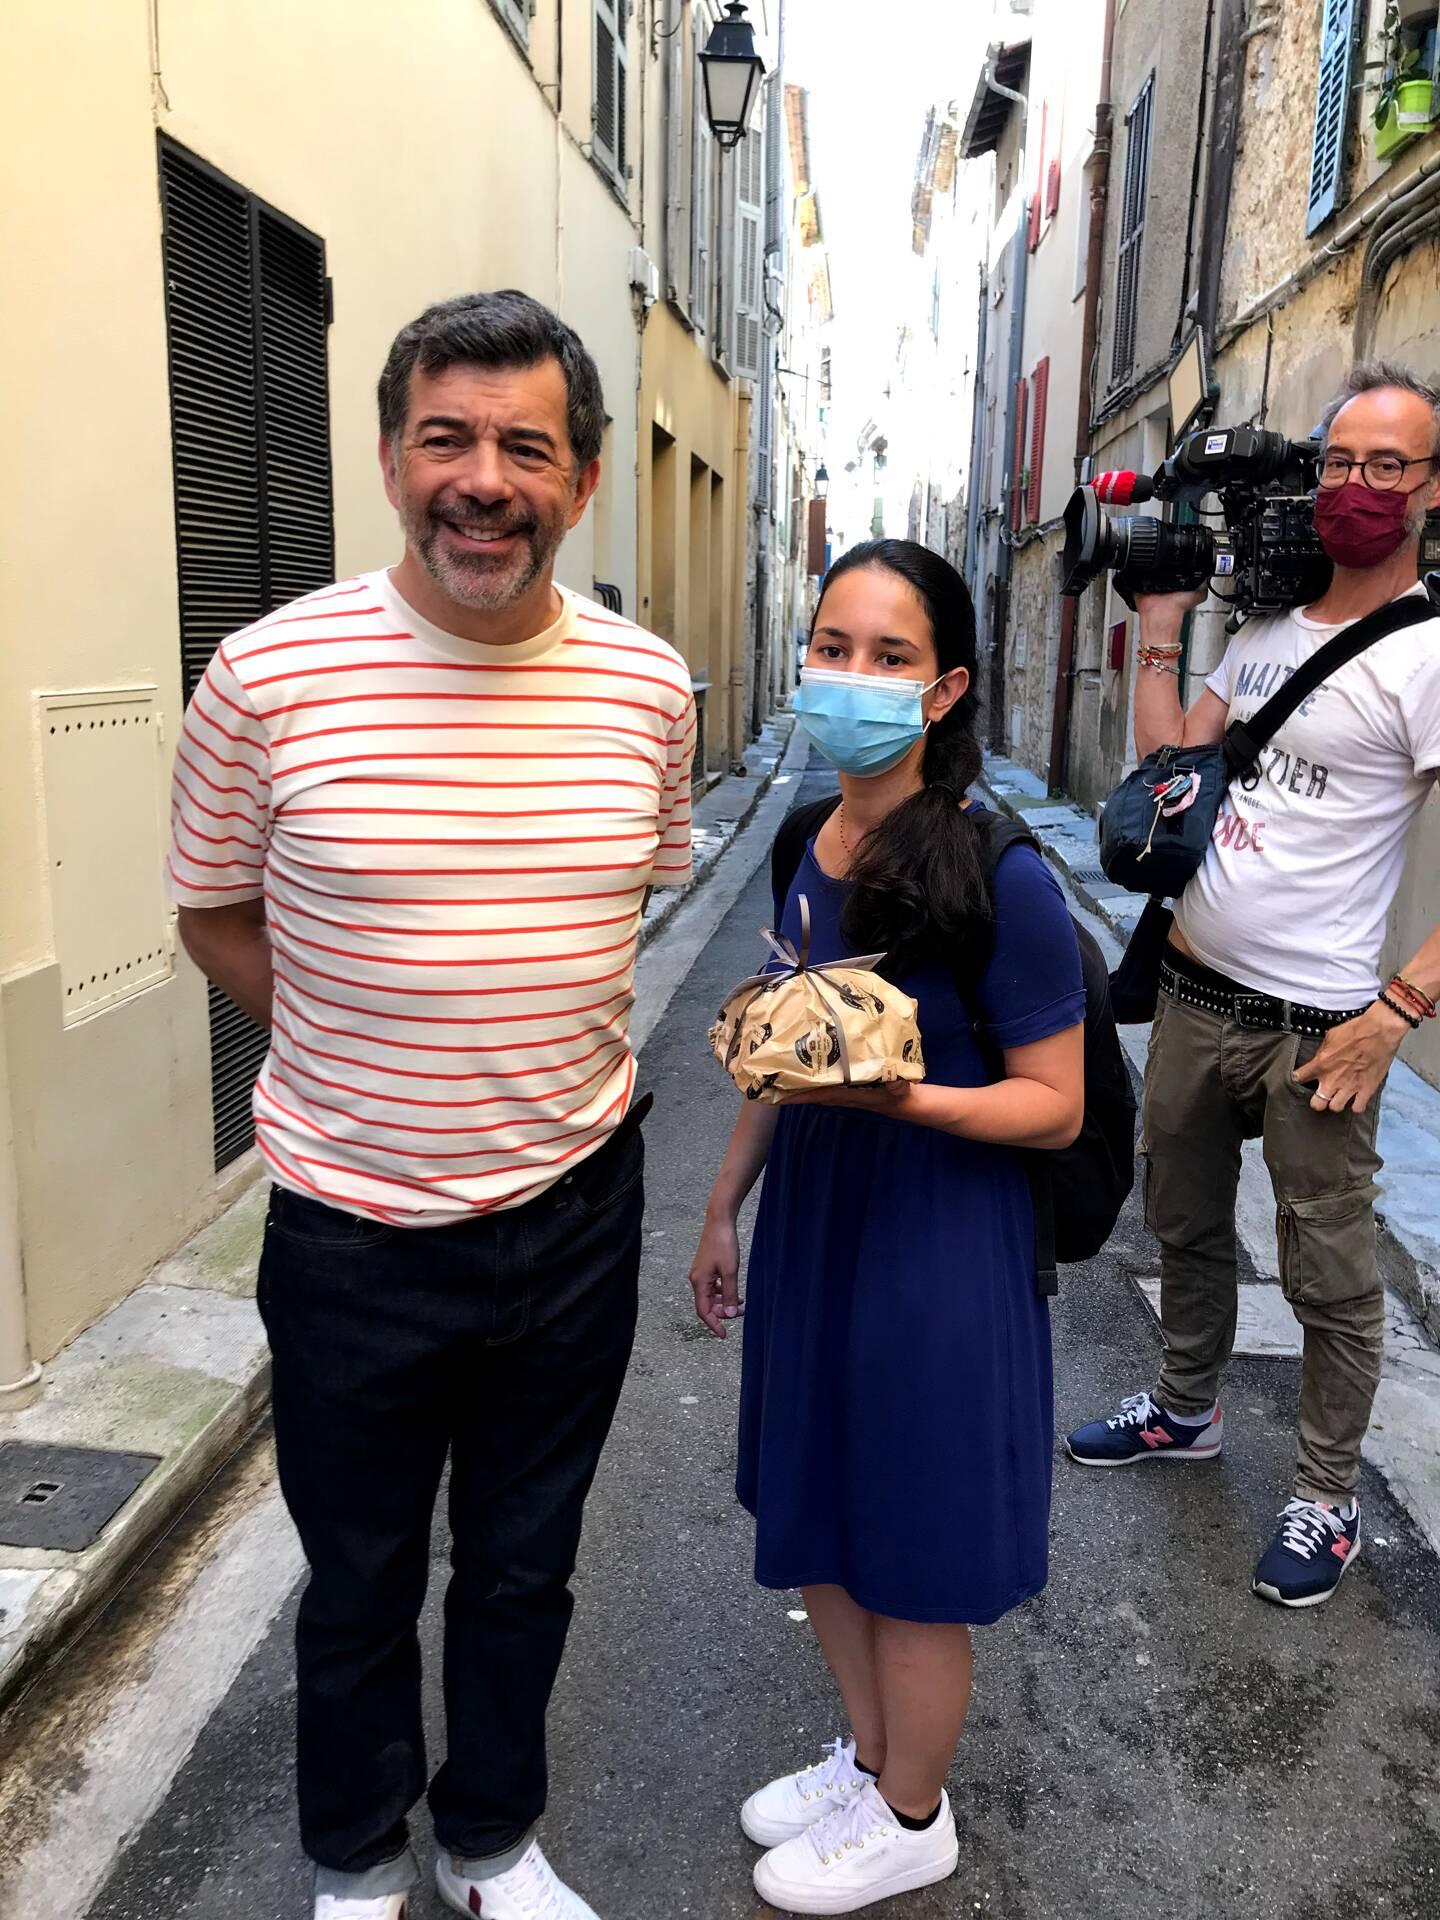 Ce mercredi, l'agent immobilier le plus connu de France a fait escale à Vence.